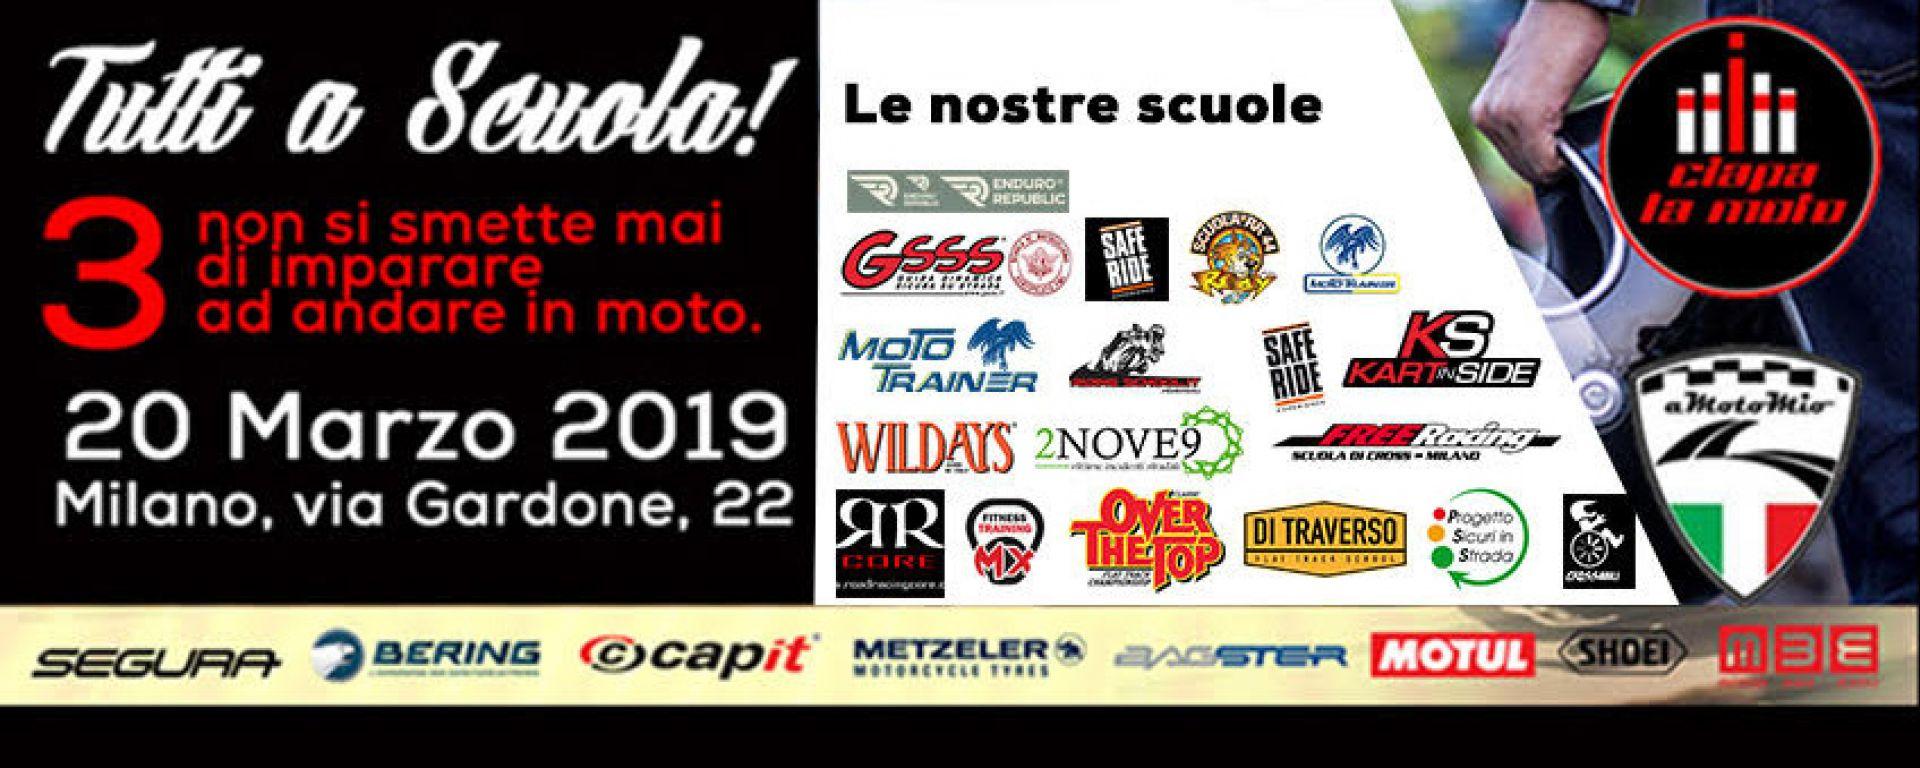 Ciapa la Moto Tutti a Scuola 3: i corsi moto a Milano